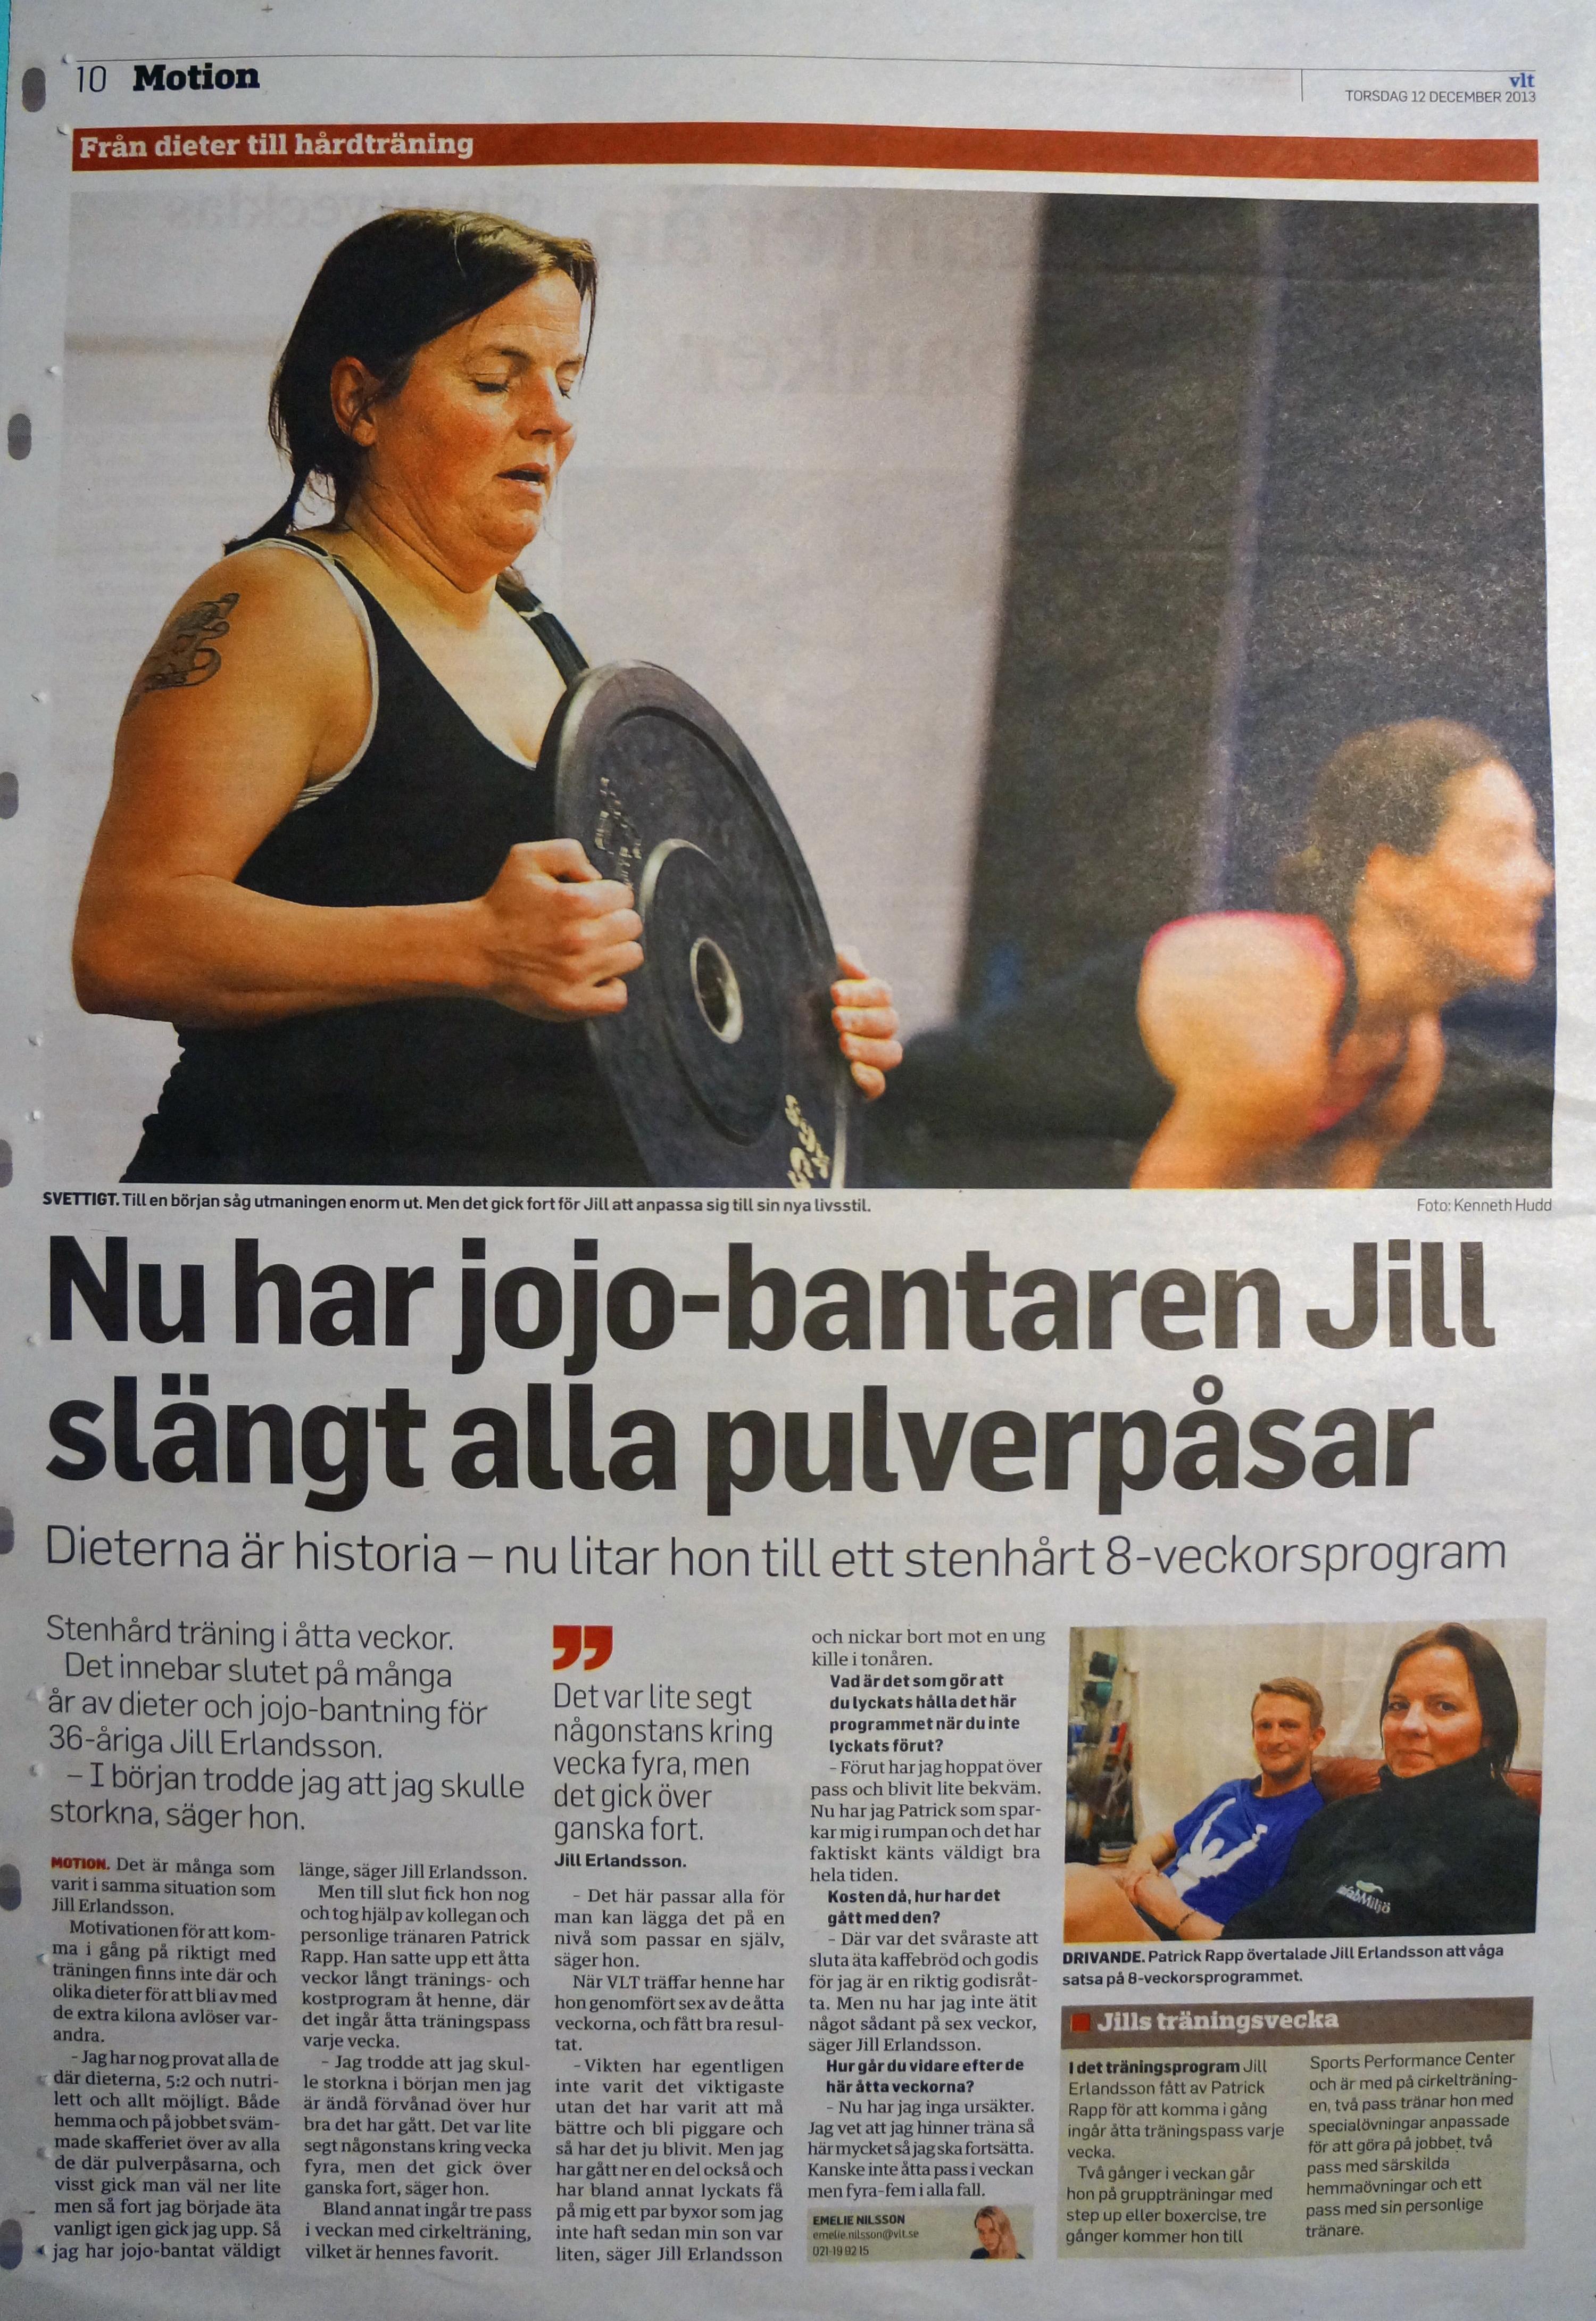 Jill vikt hälsa personlig träning västerås pt personlig tränare iktminskning hårdträning dieter diet 5:2 lchf förändring